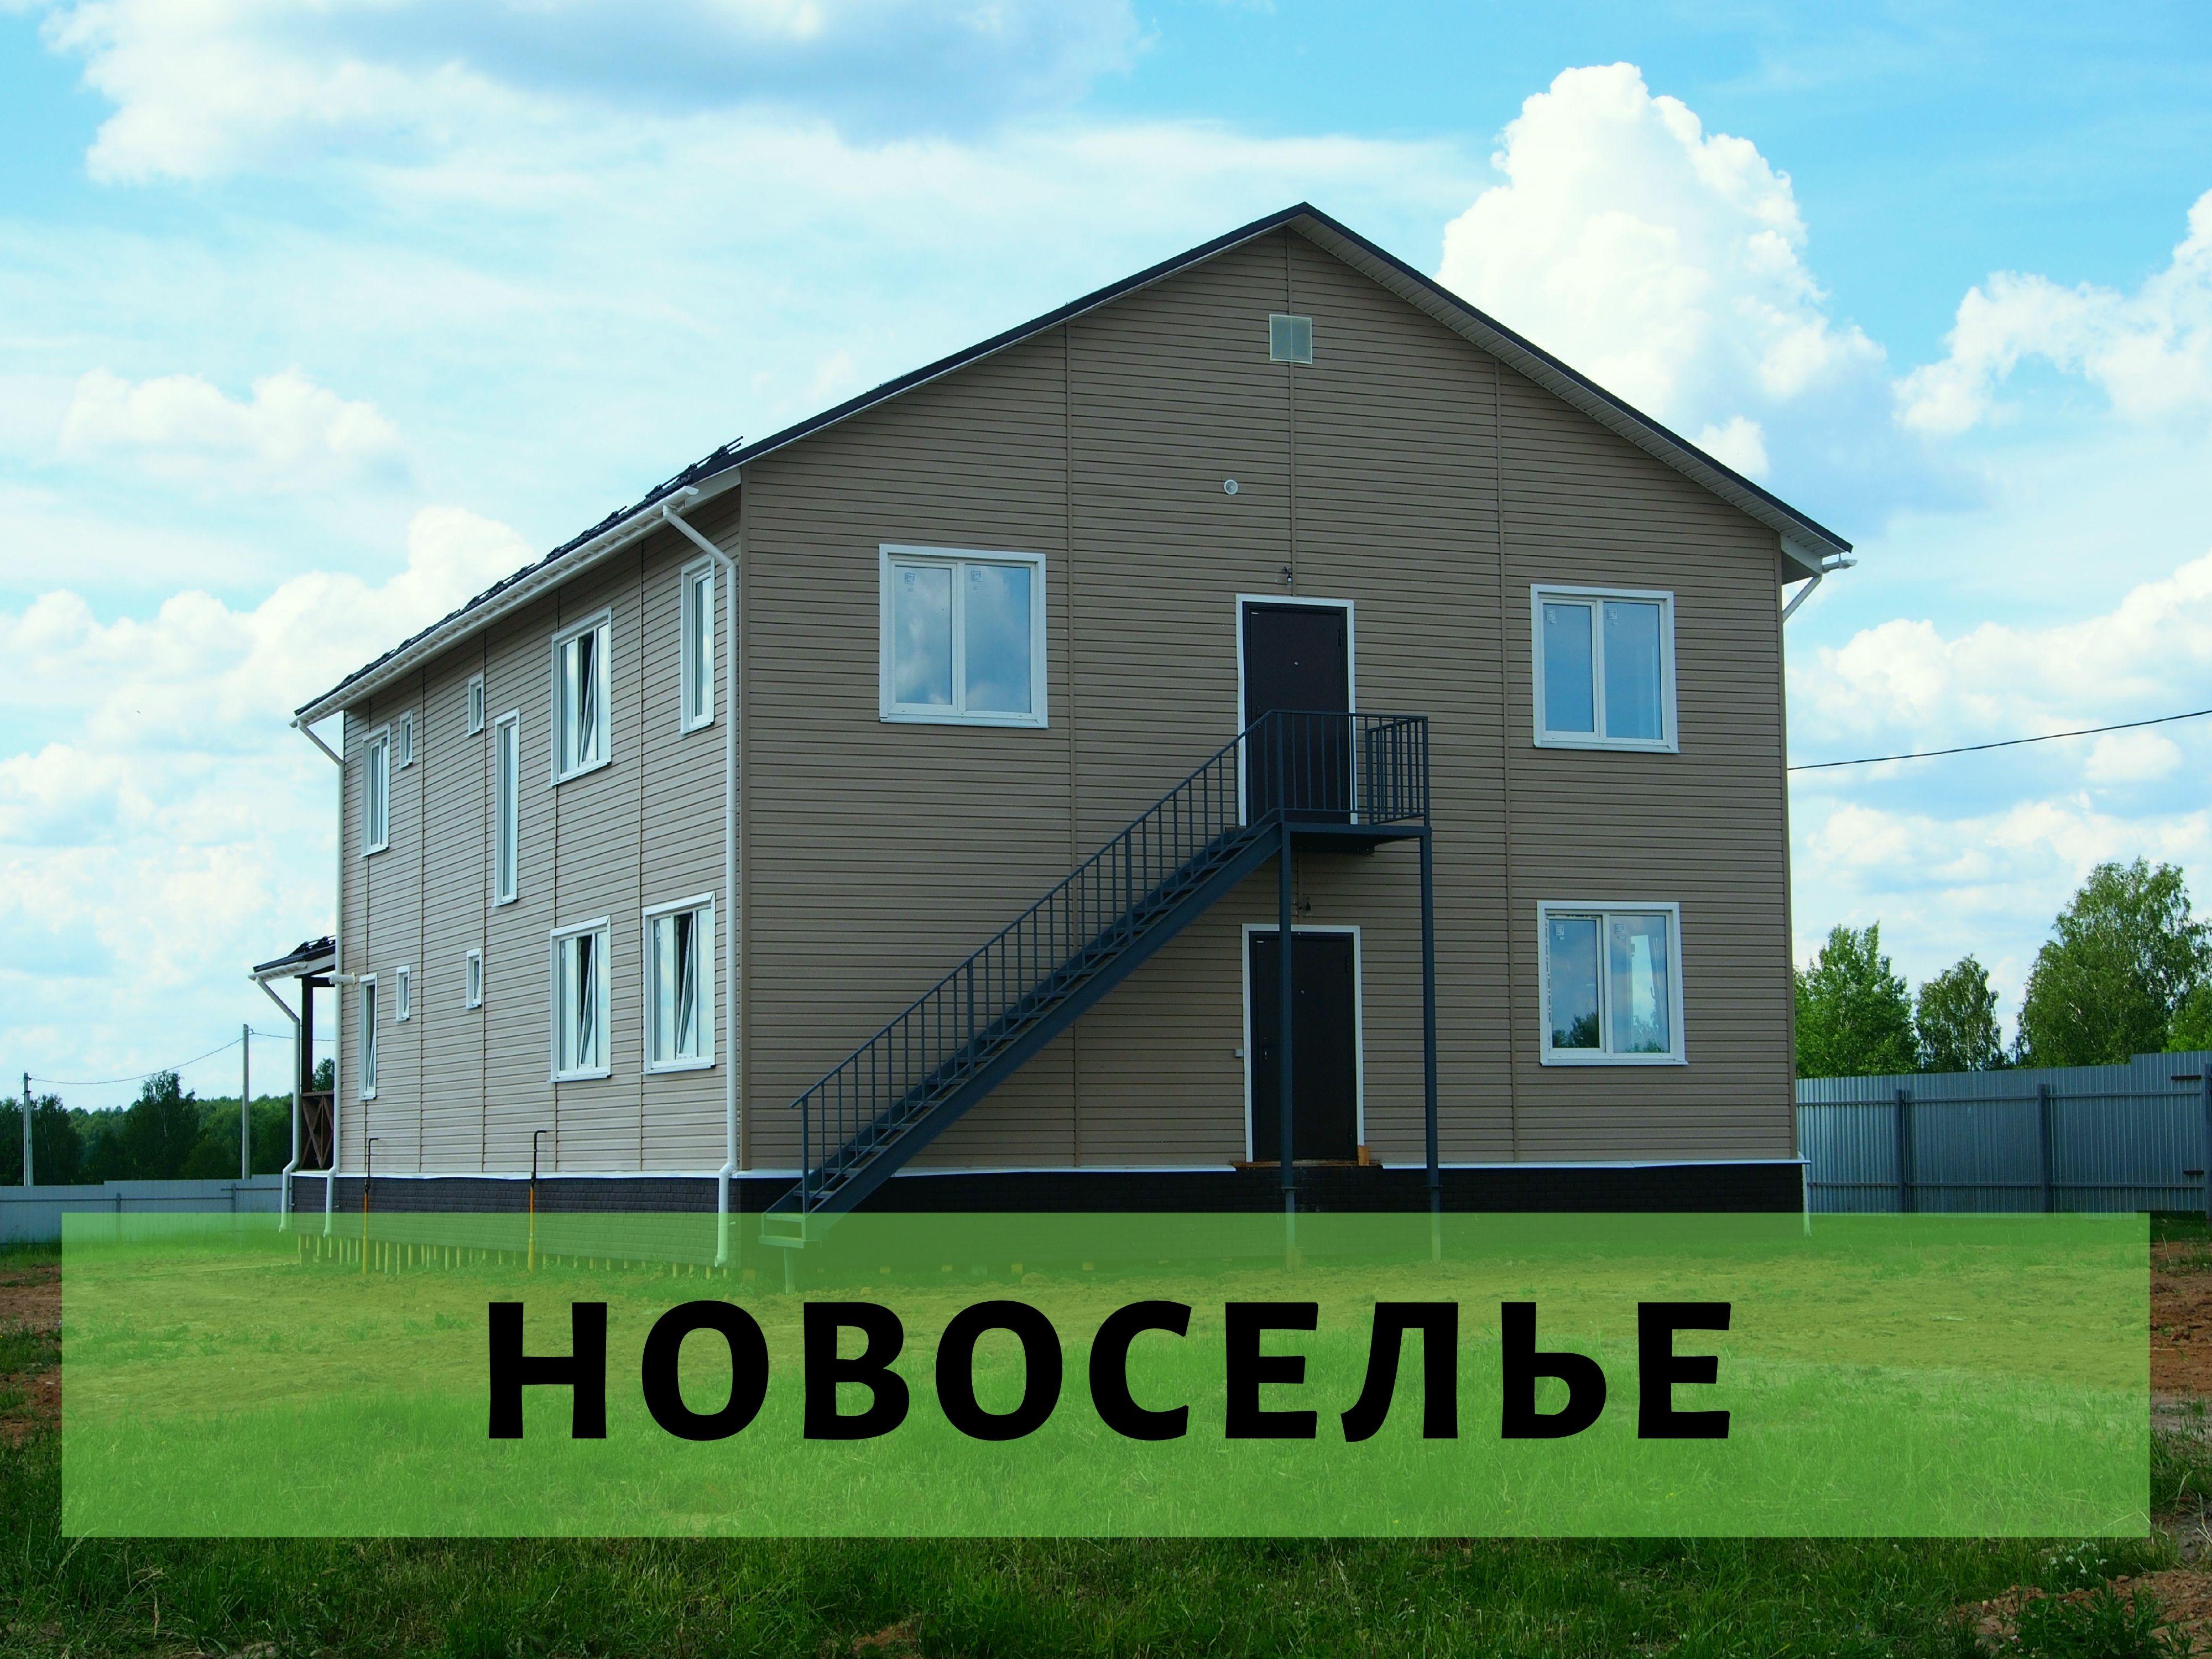 Анонс: 4 сентября — Новоселье в «Школе фермеров»